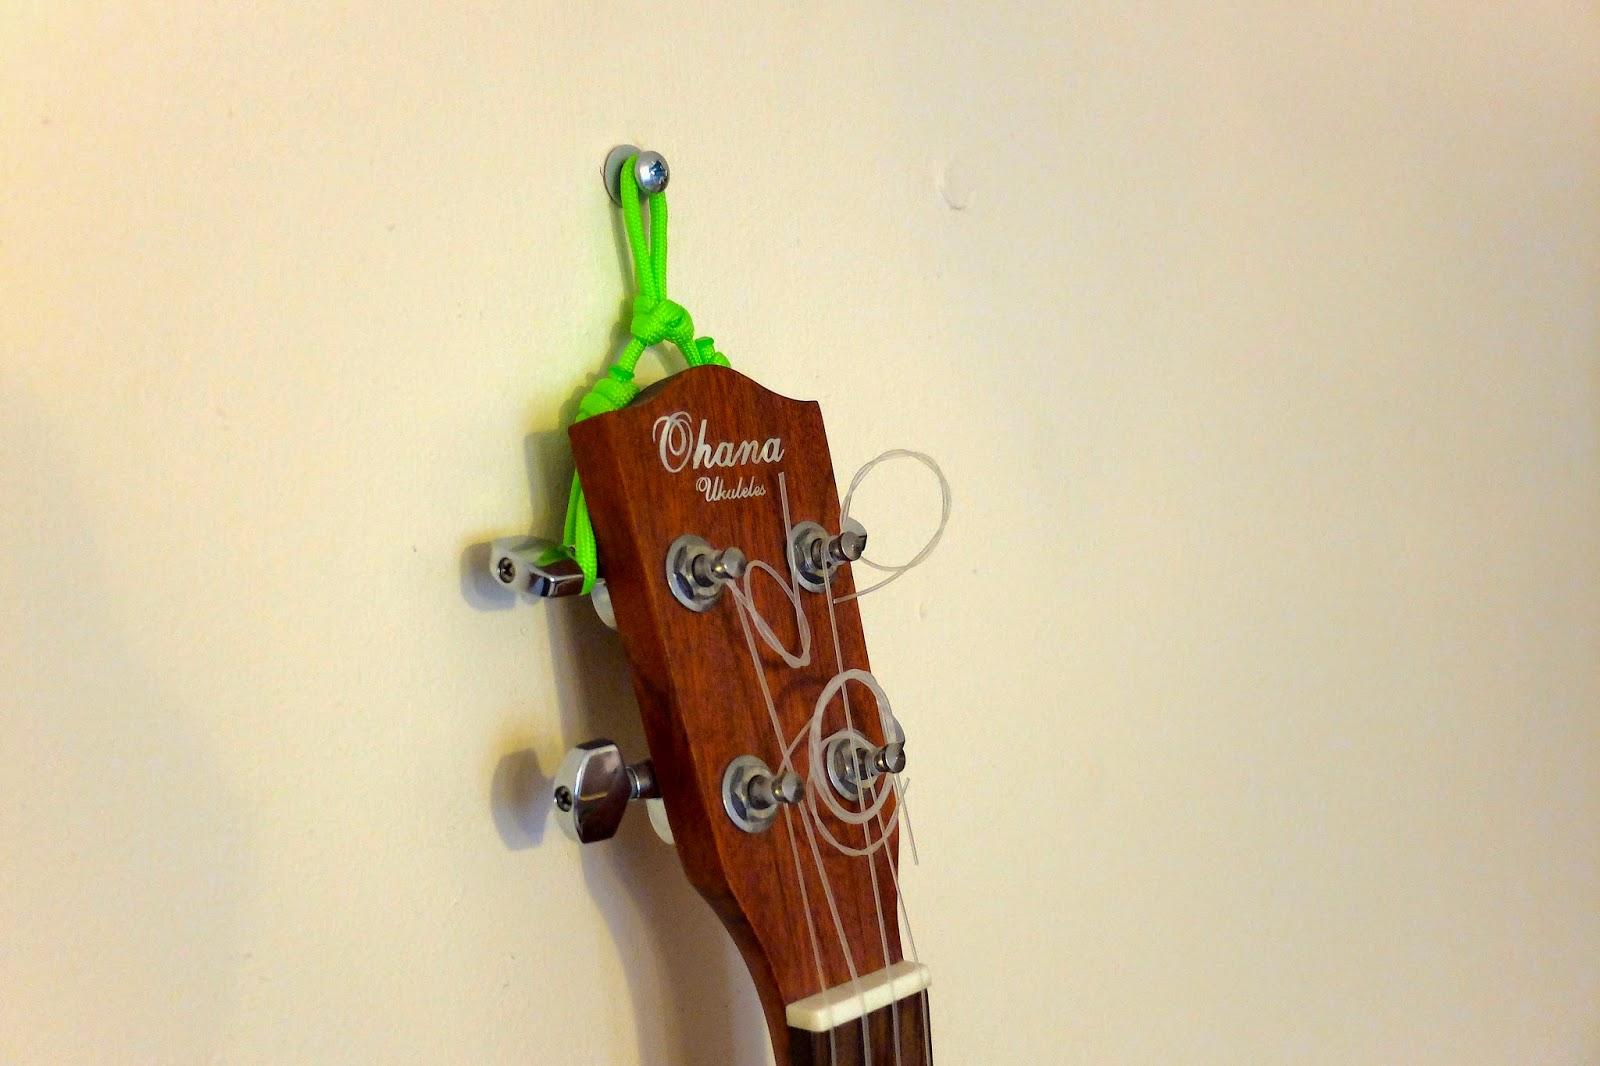 ukulele hanging on wall